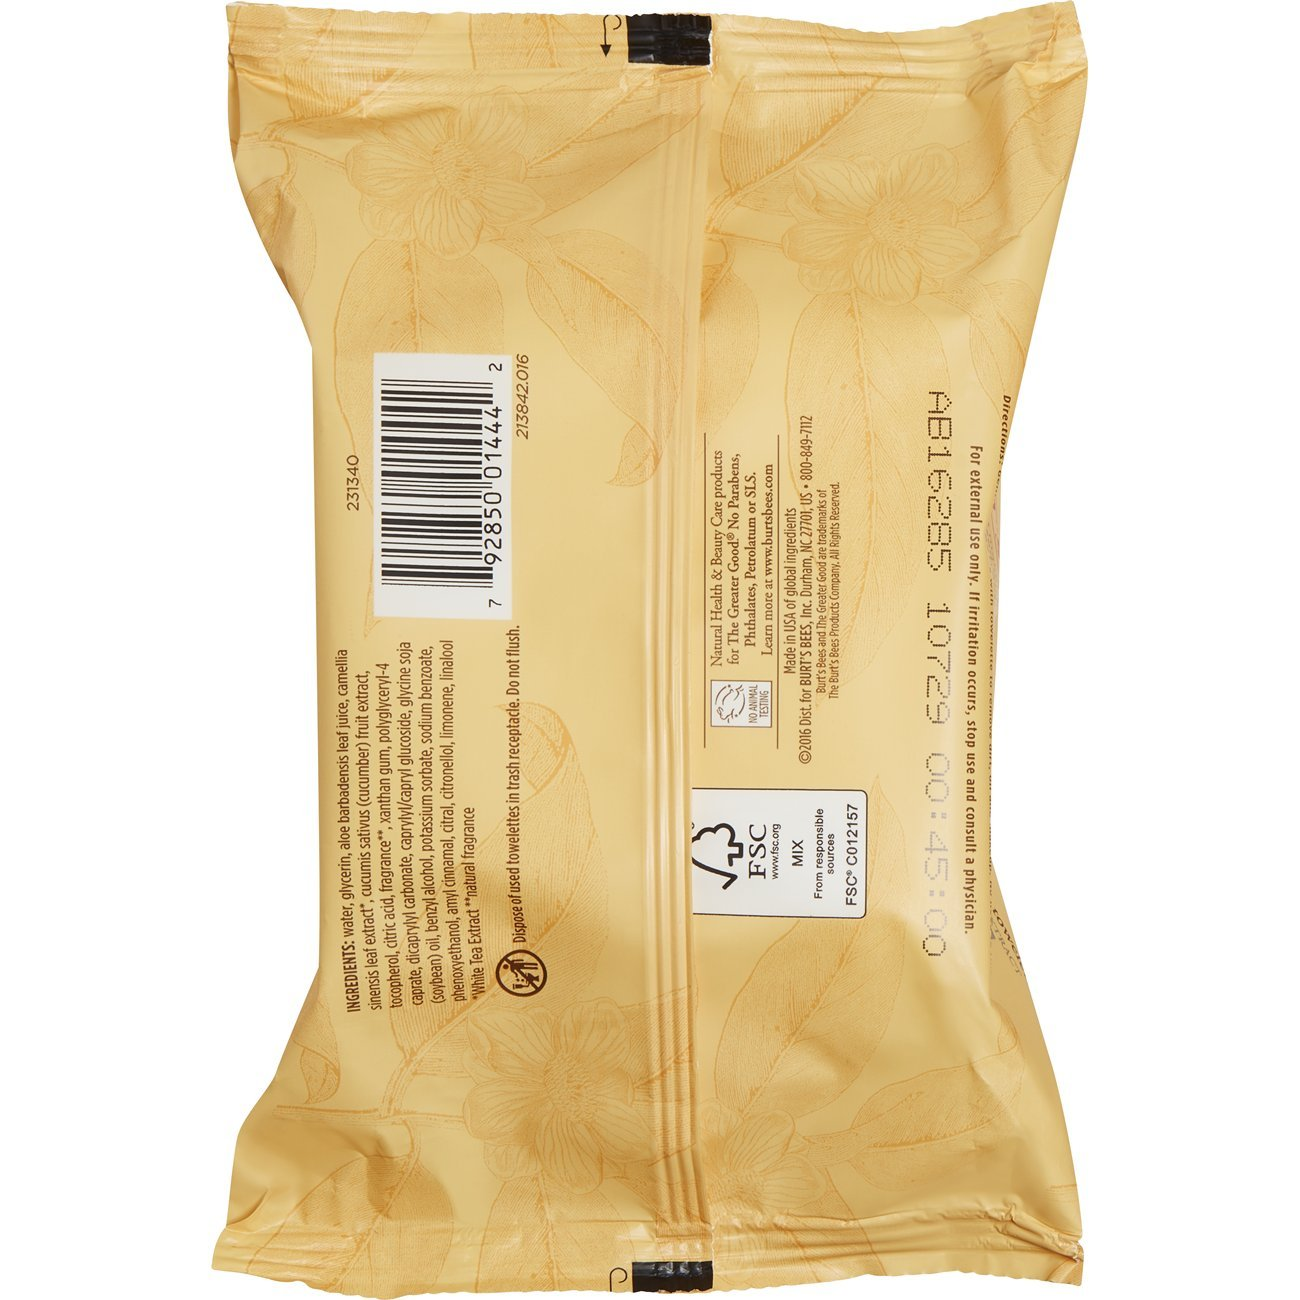 Burts Bees - toallitas de Limpieza Facial blanco té - 30 Towelette(s): Amazon.es: Salud y cuidado personal